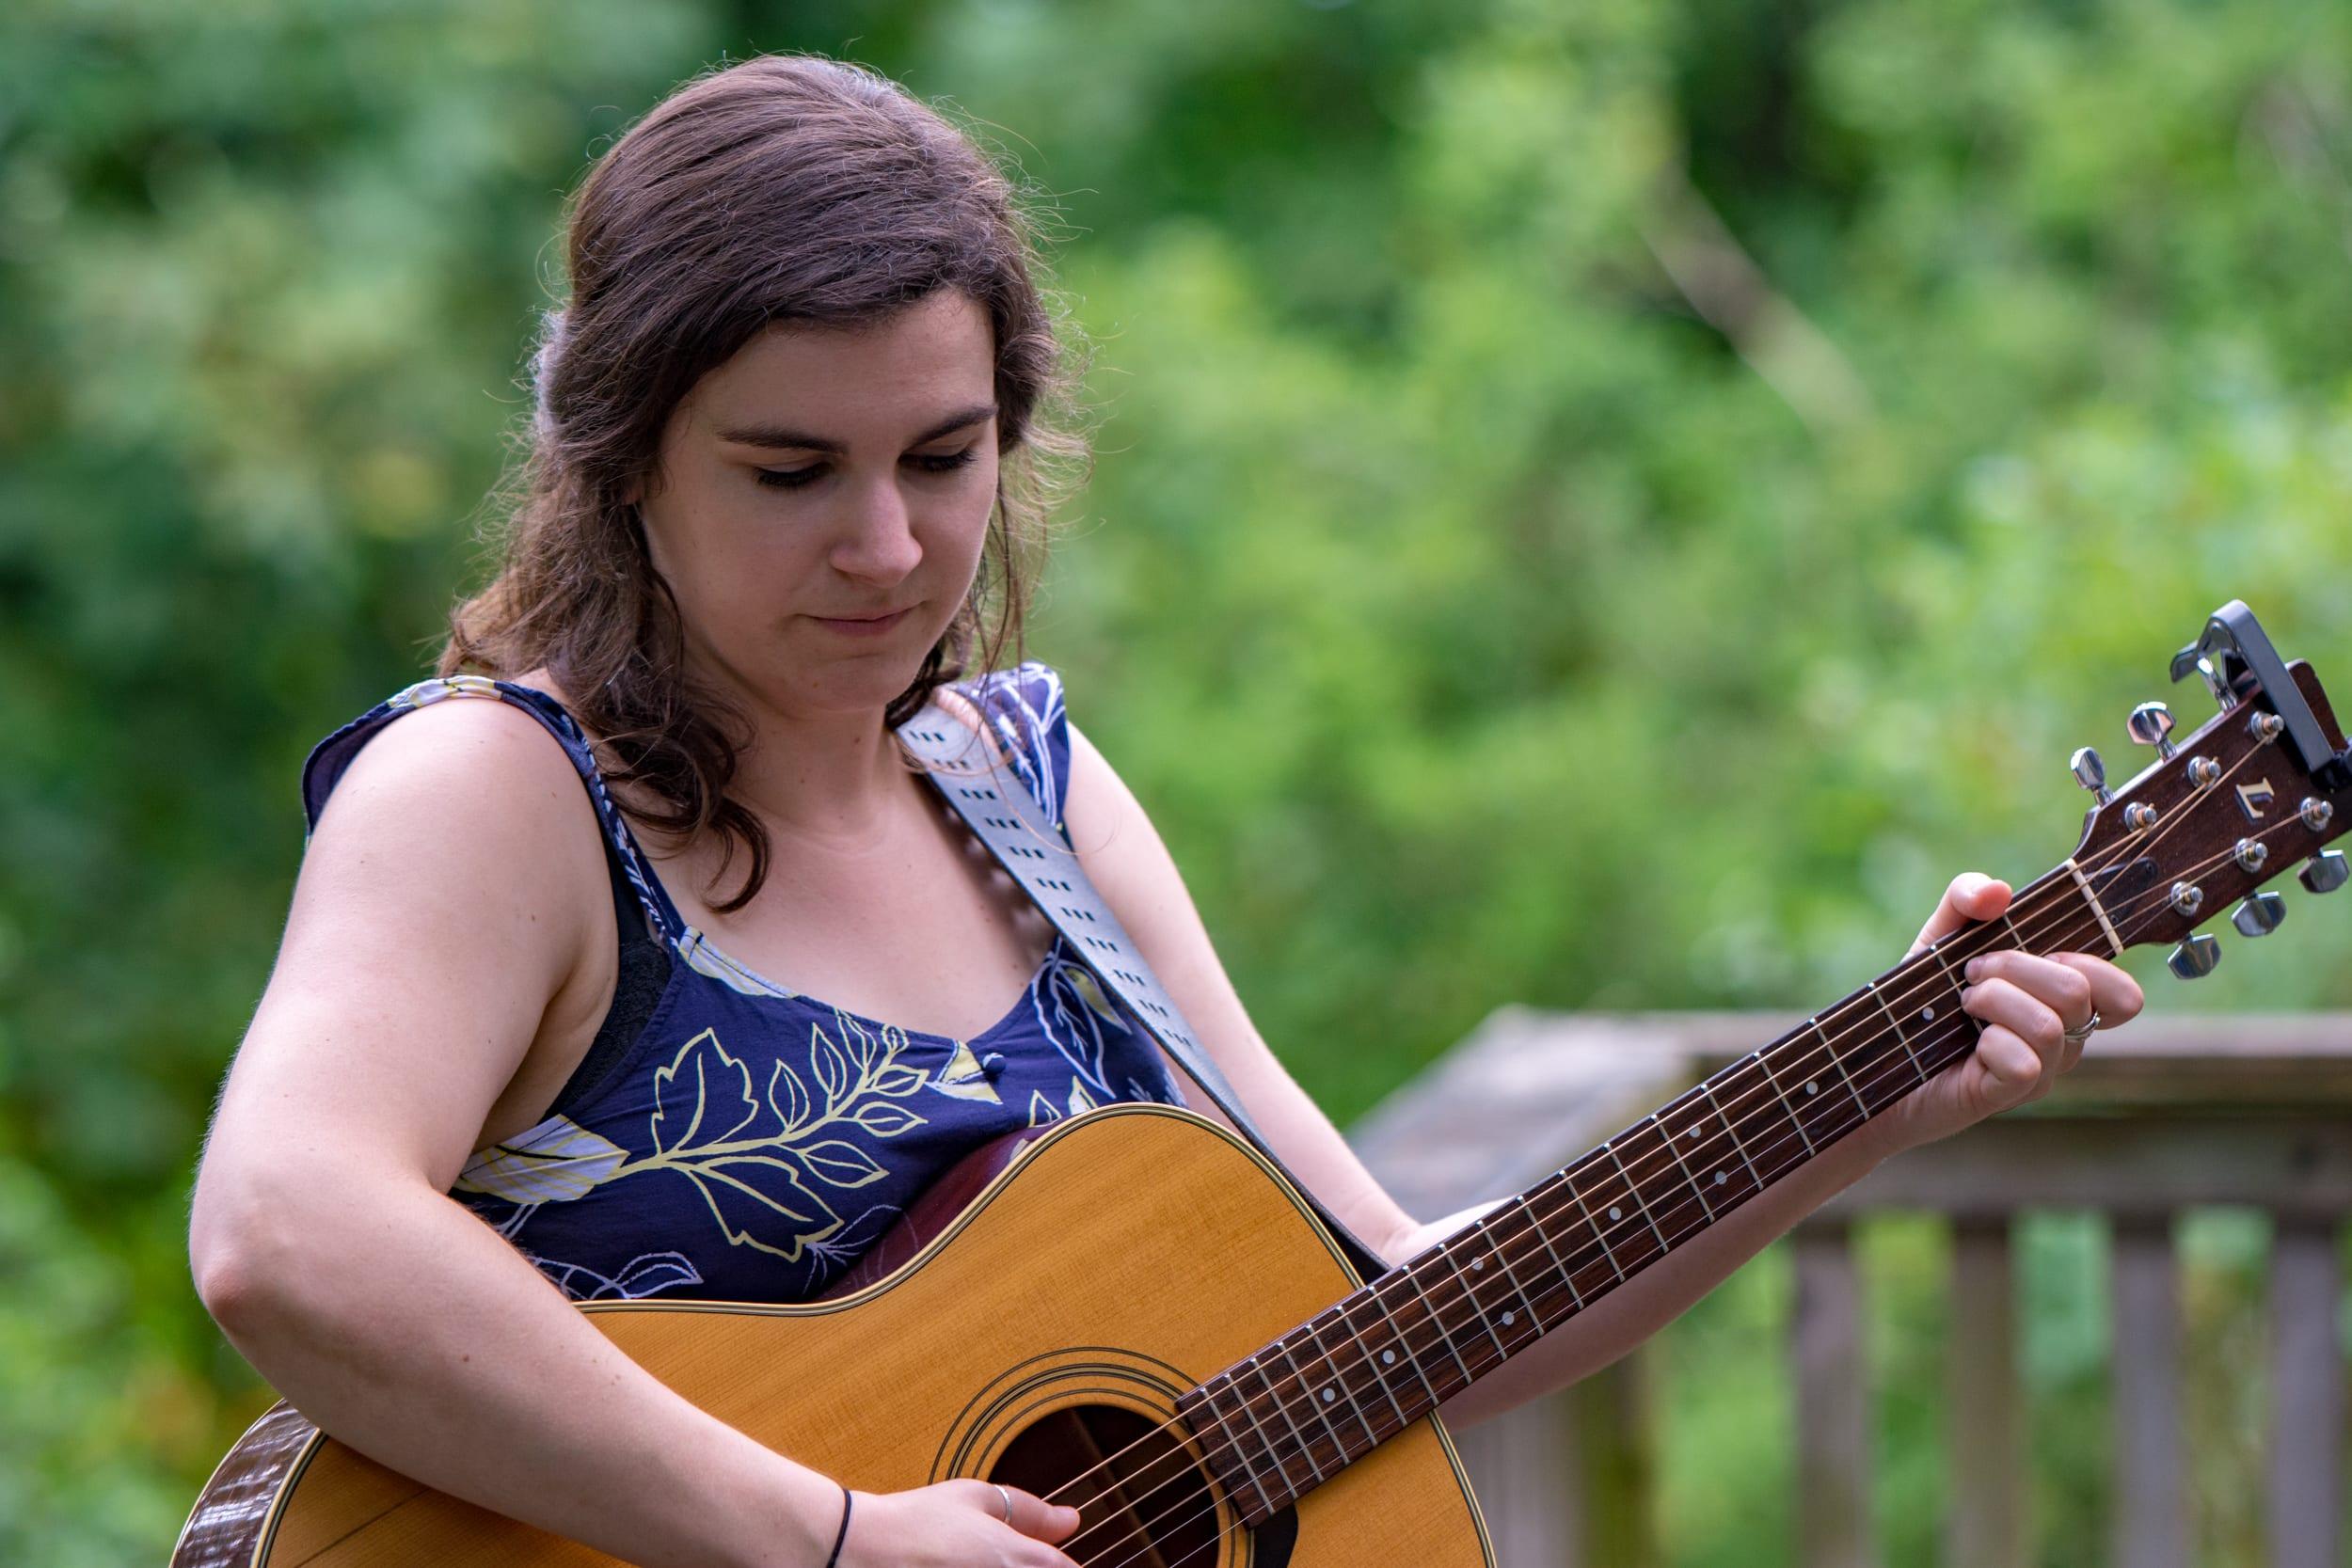 Sarah McInnis